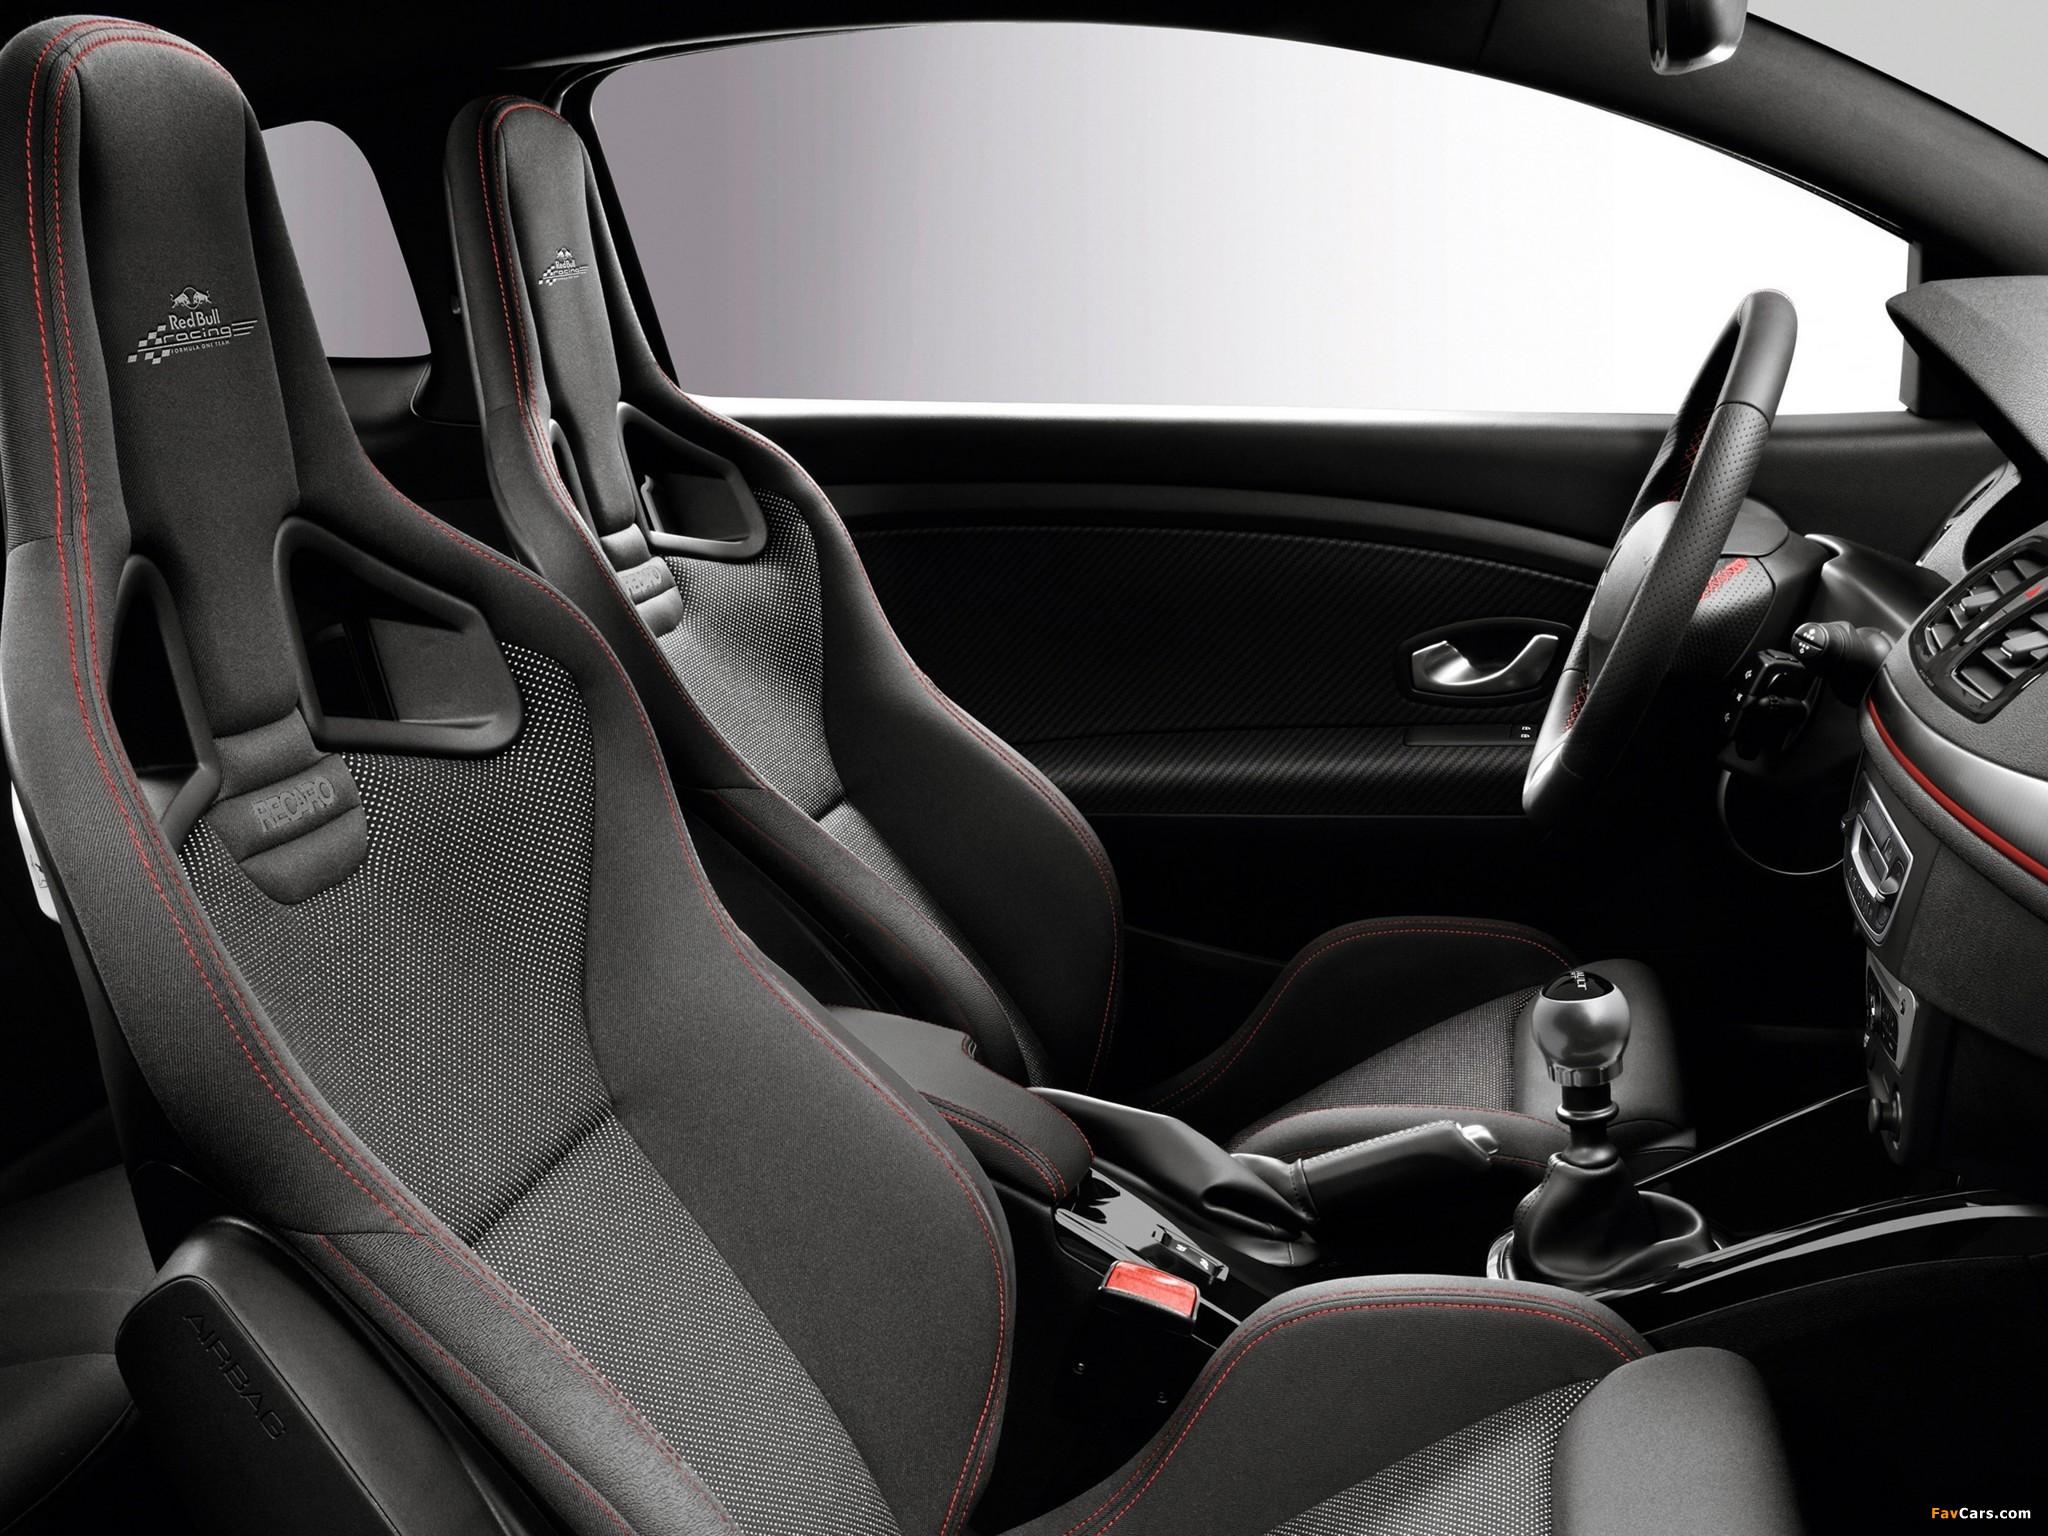 Можно ли переключать вариатор на Renault Megane III в положение N на ходу